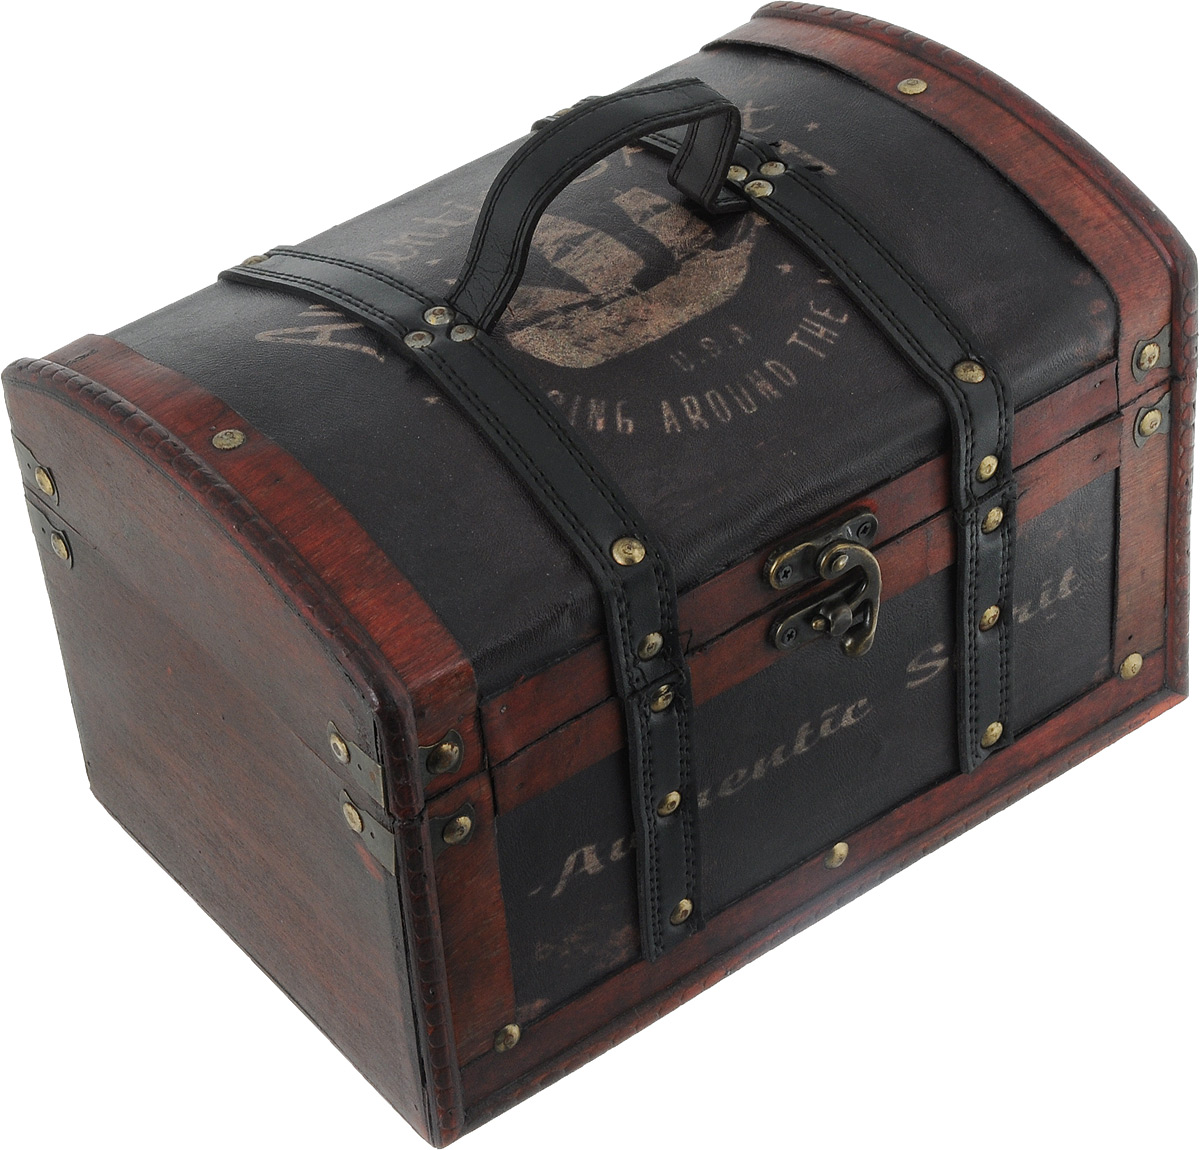 Шкатулка декоративная Bestex, 27,5 х 18,5 х 18,5 см54 009303Декоративная шкатулка Bestex, выполненная из МДФ в виде старинного сундука, идеально подойдет для хранения бижутерии, принадлежностей для шитья, различных мелочей и безделушек. Изделие обтянуто искусственной кожей с принтом, дополнено металлическими элементами и кожаными вставками. Шкатулка закрывается на металлический курковый замок. Для переноски предусмотрена ручка. Такая шкатулка станет отличным подарком человеку, ценящему необычные и стильные аксессуары.